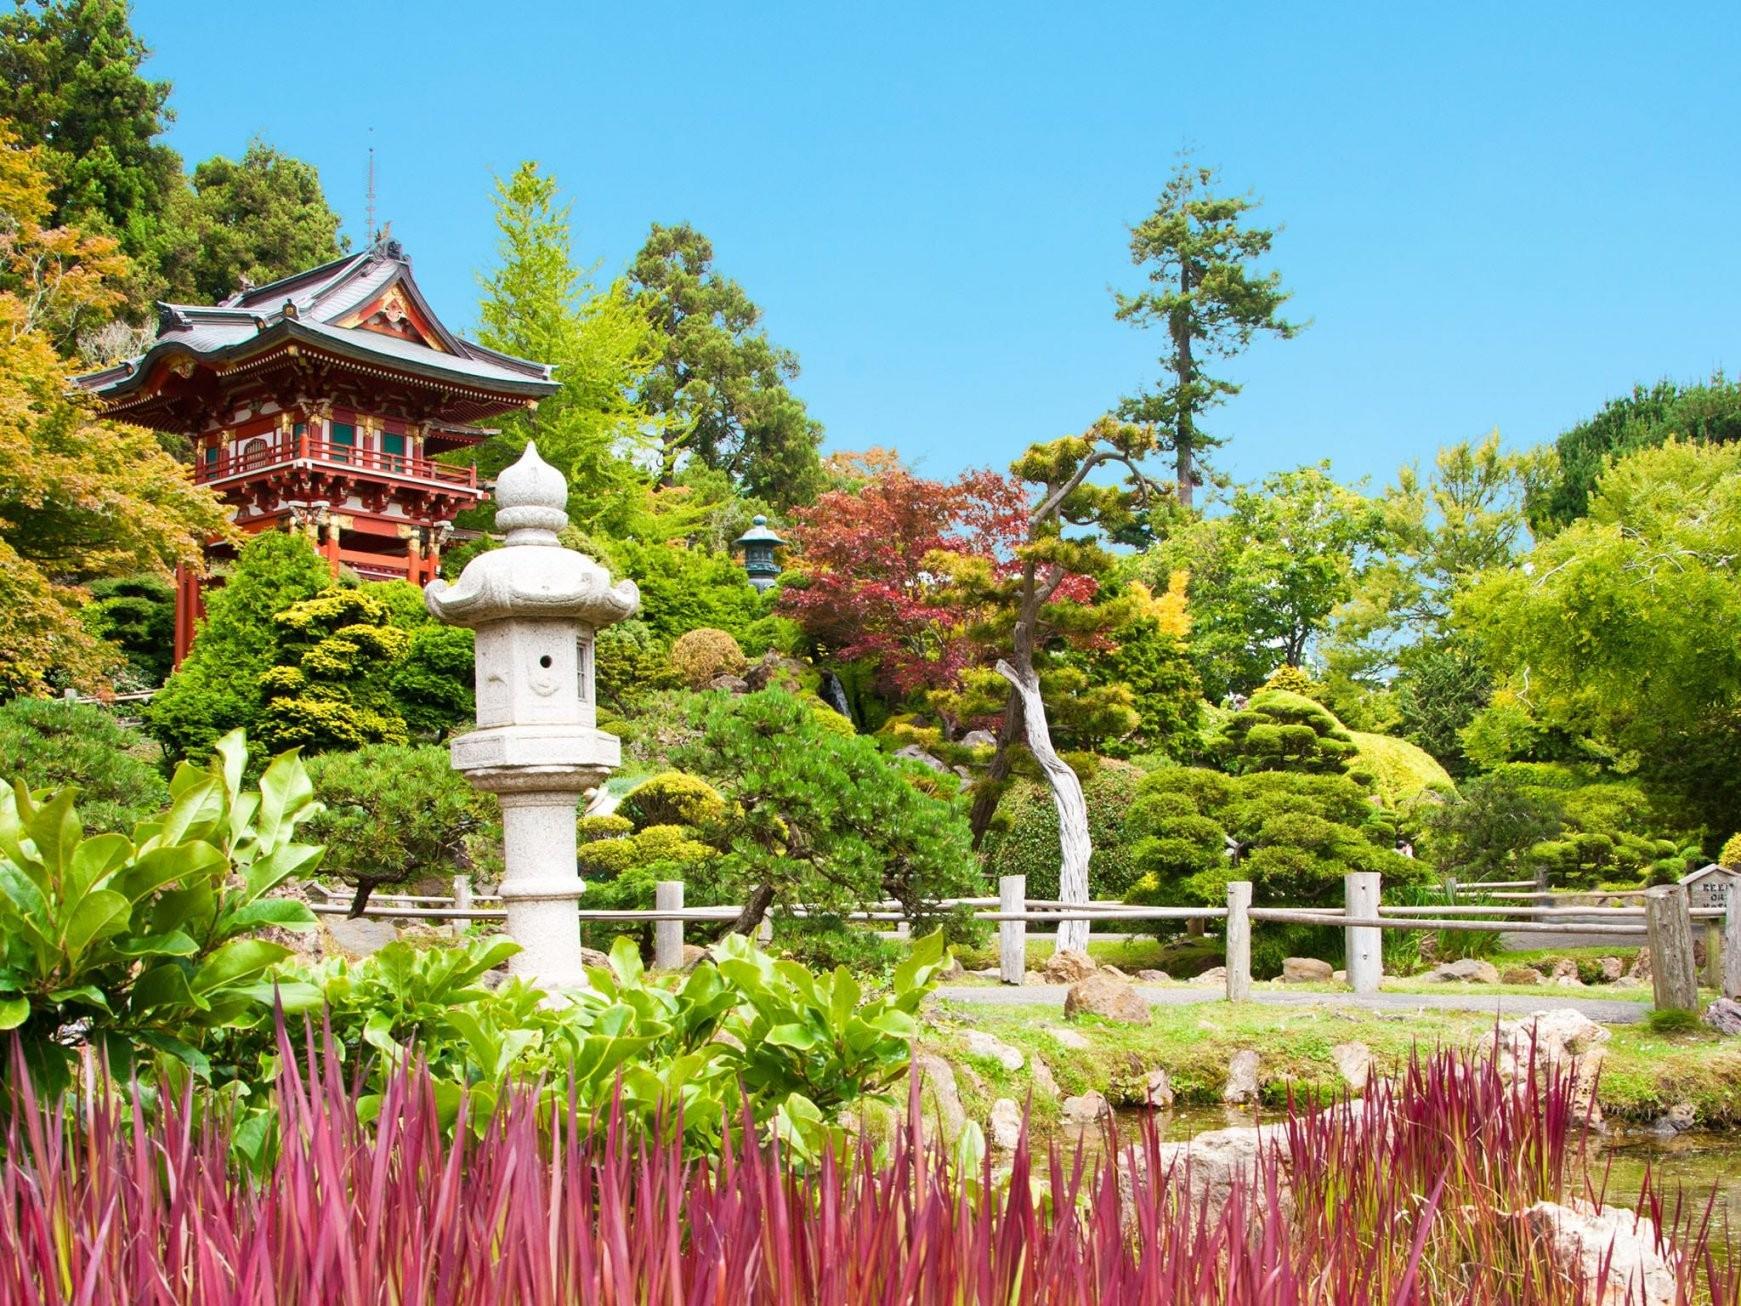 Japanischen Garten Anlegen  10 Ideen Mit Bildern Pflanzen & Deko von Japanischer Garten Selbst Anlegen Photo